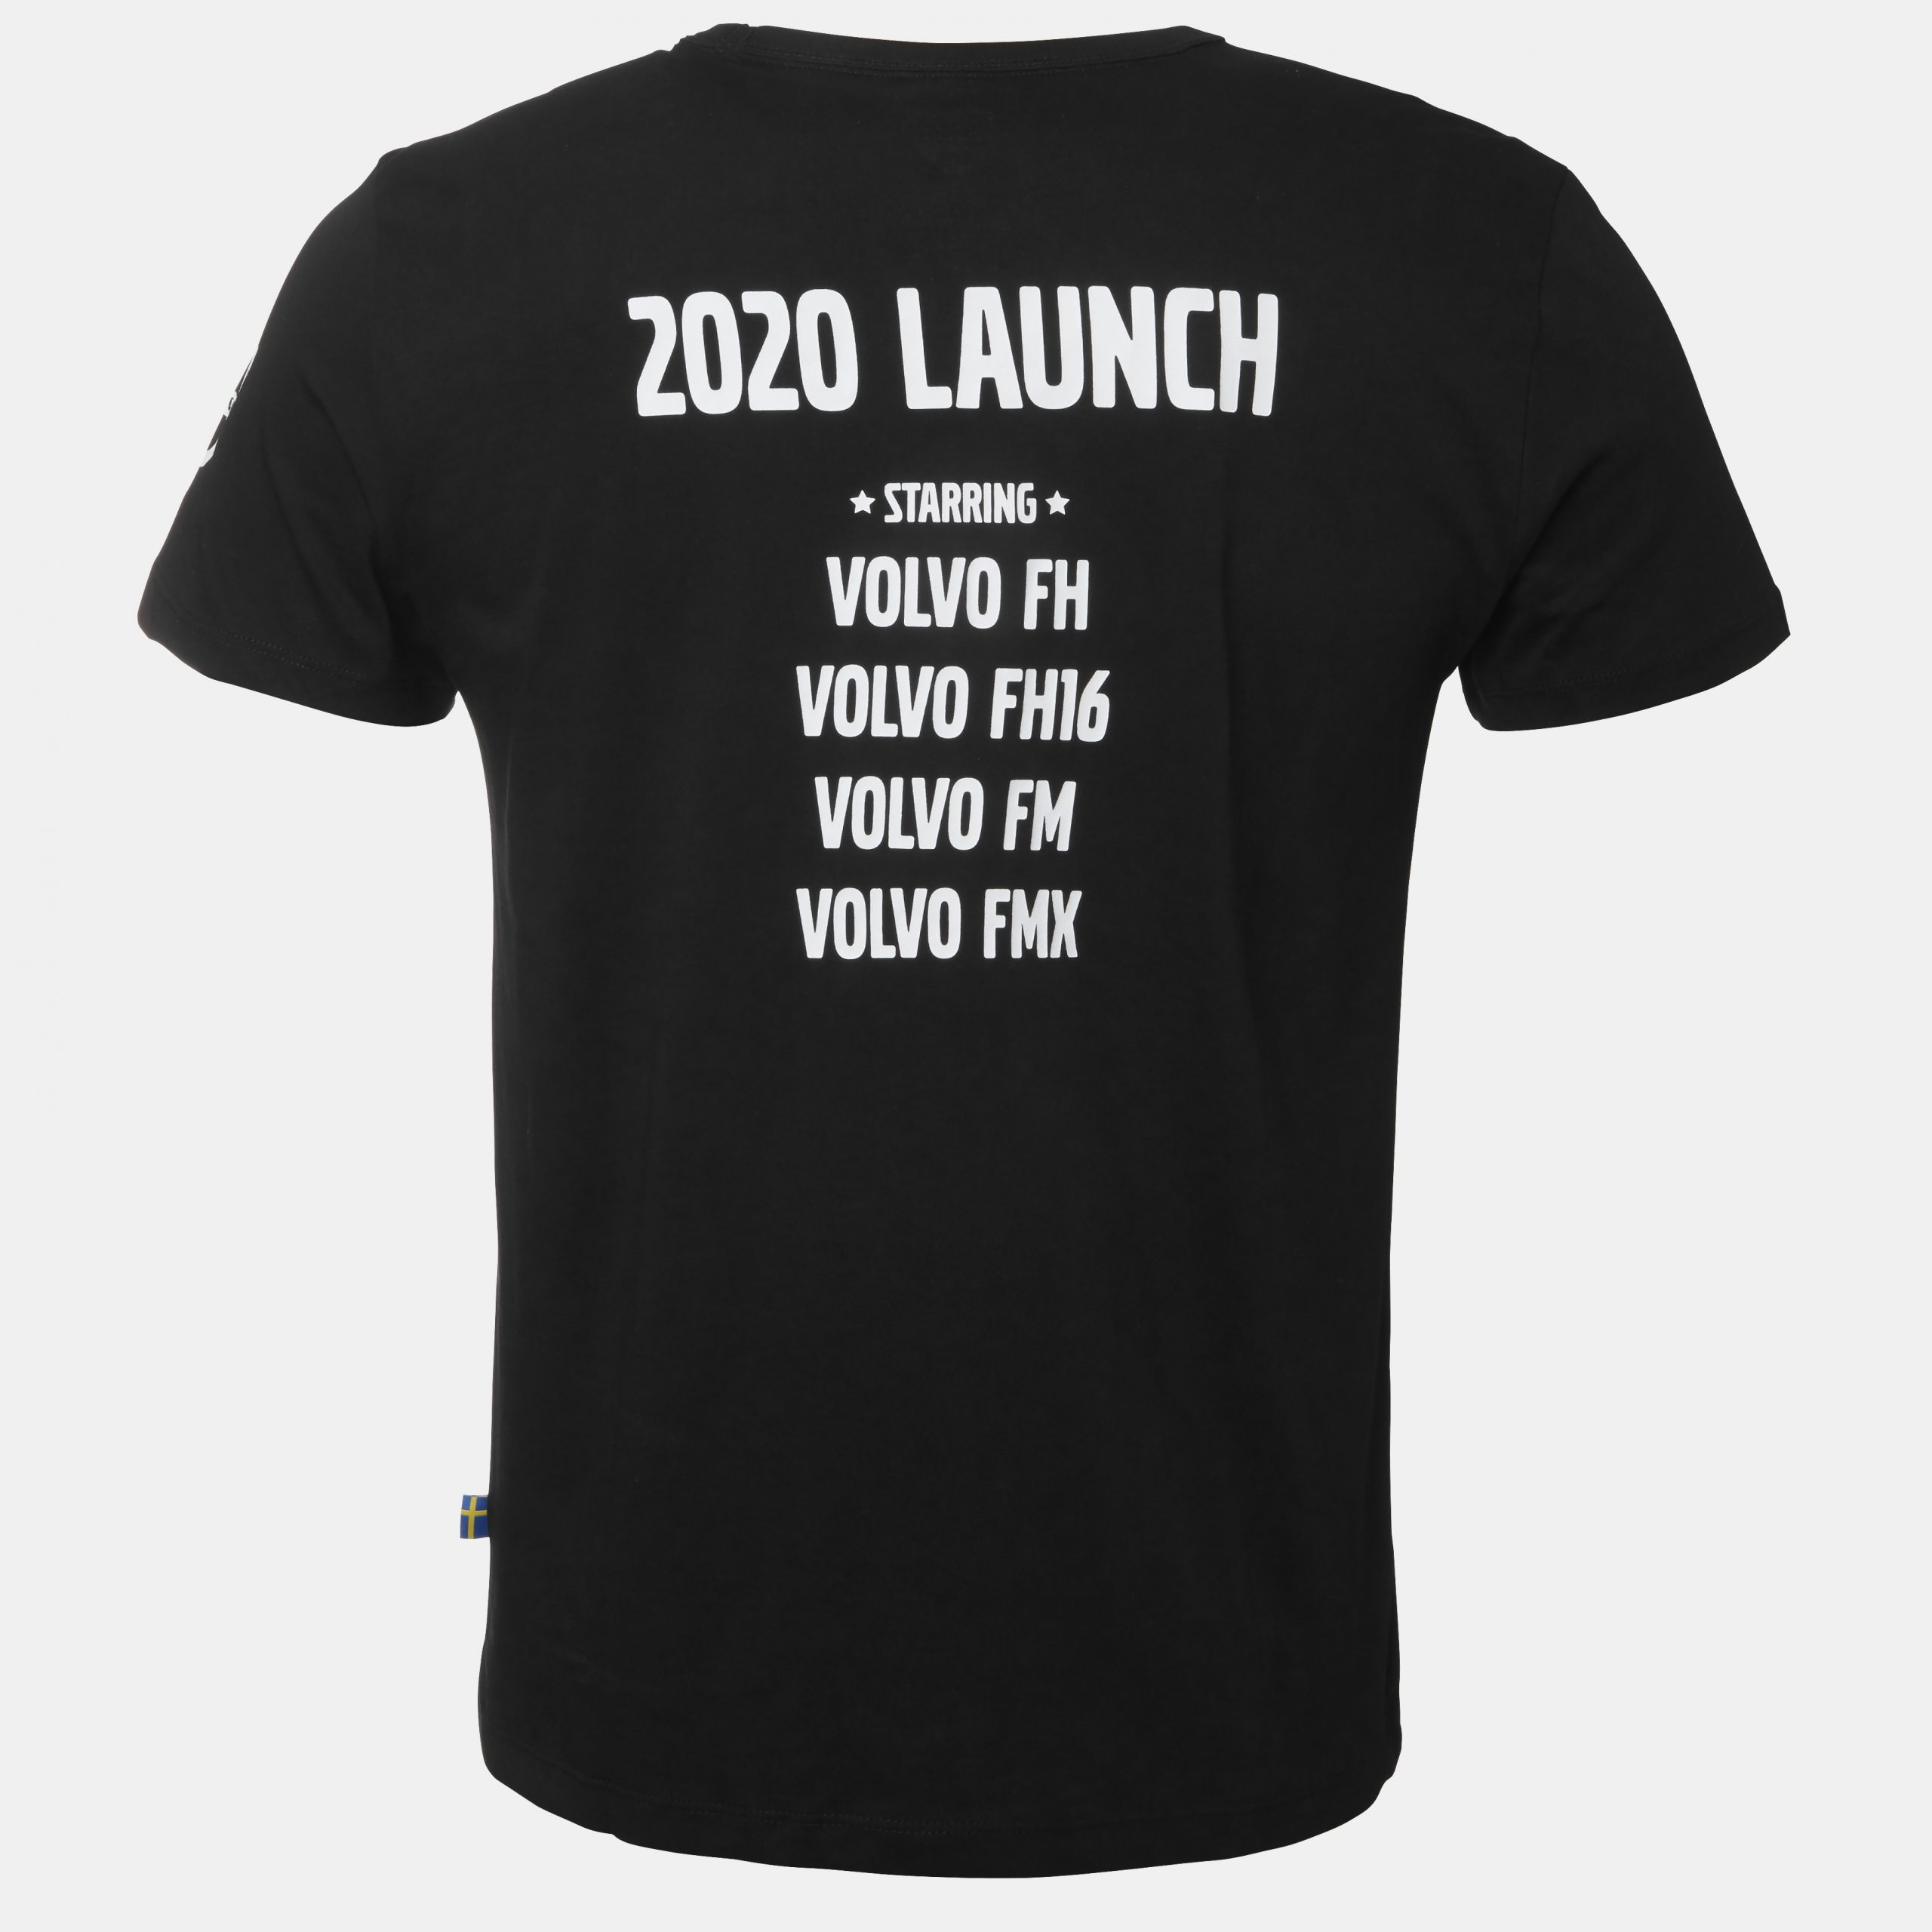 VMC1129671099XL T-shirt- TOWER